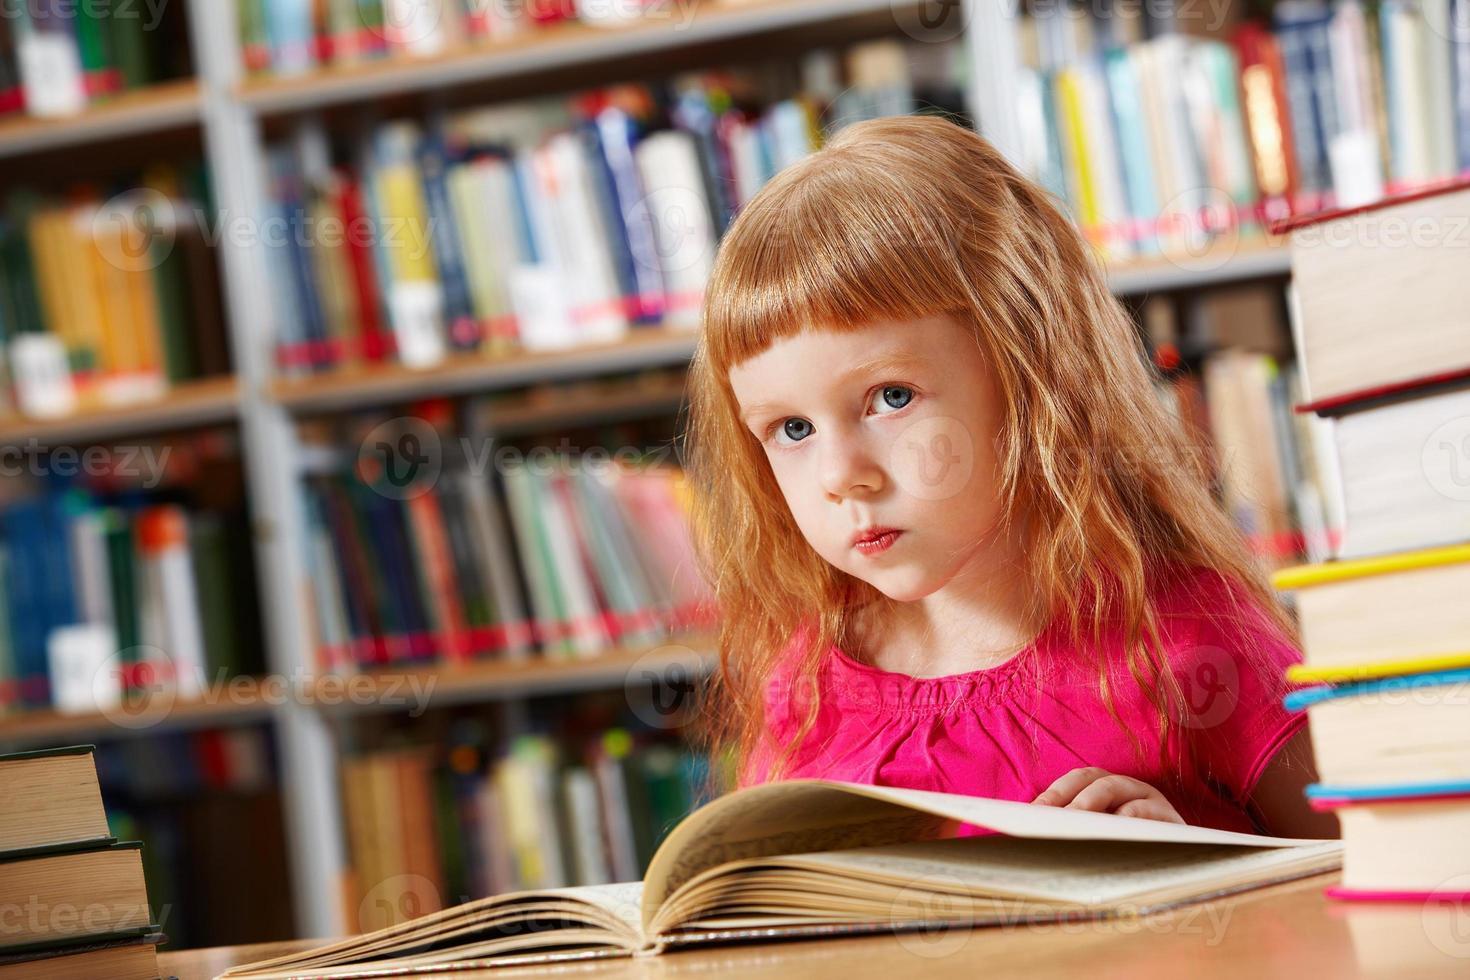 frequentador da biblioteca foto